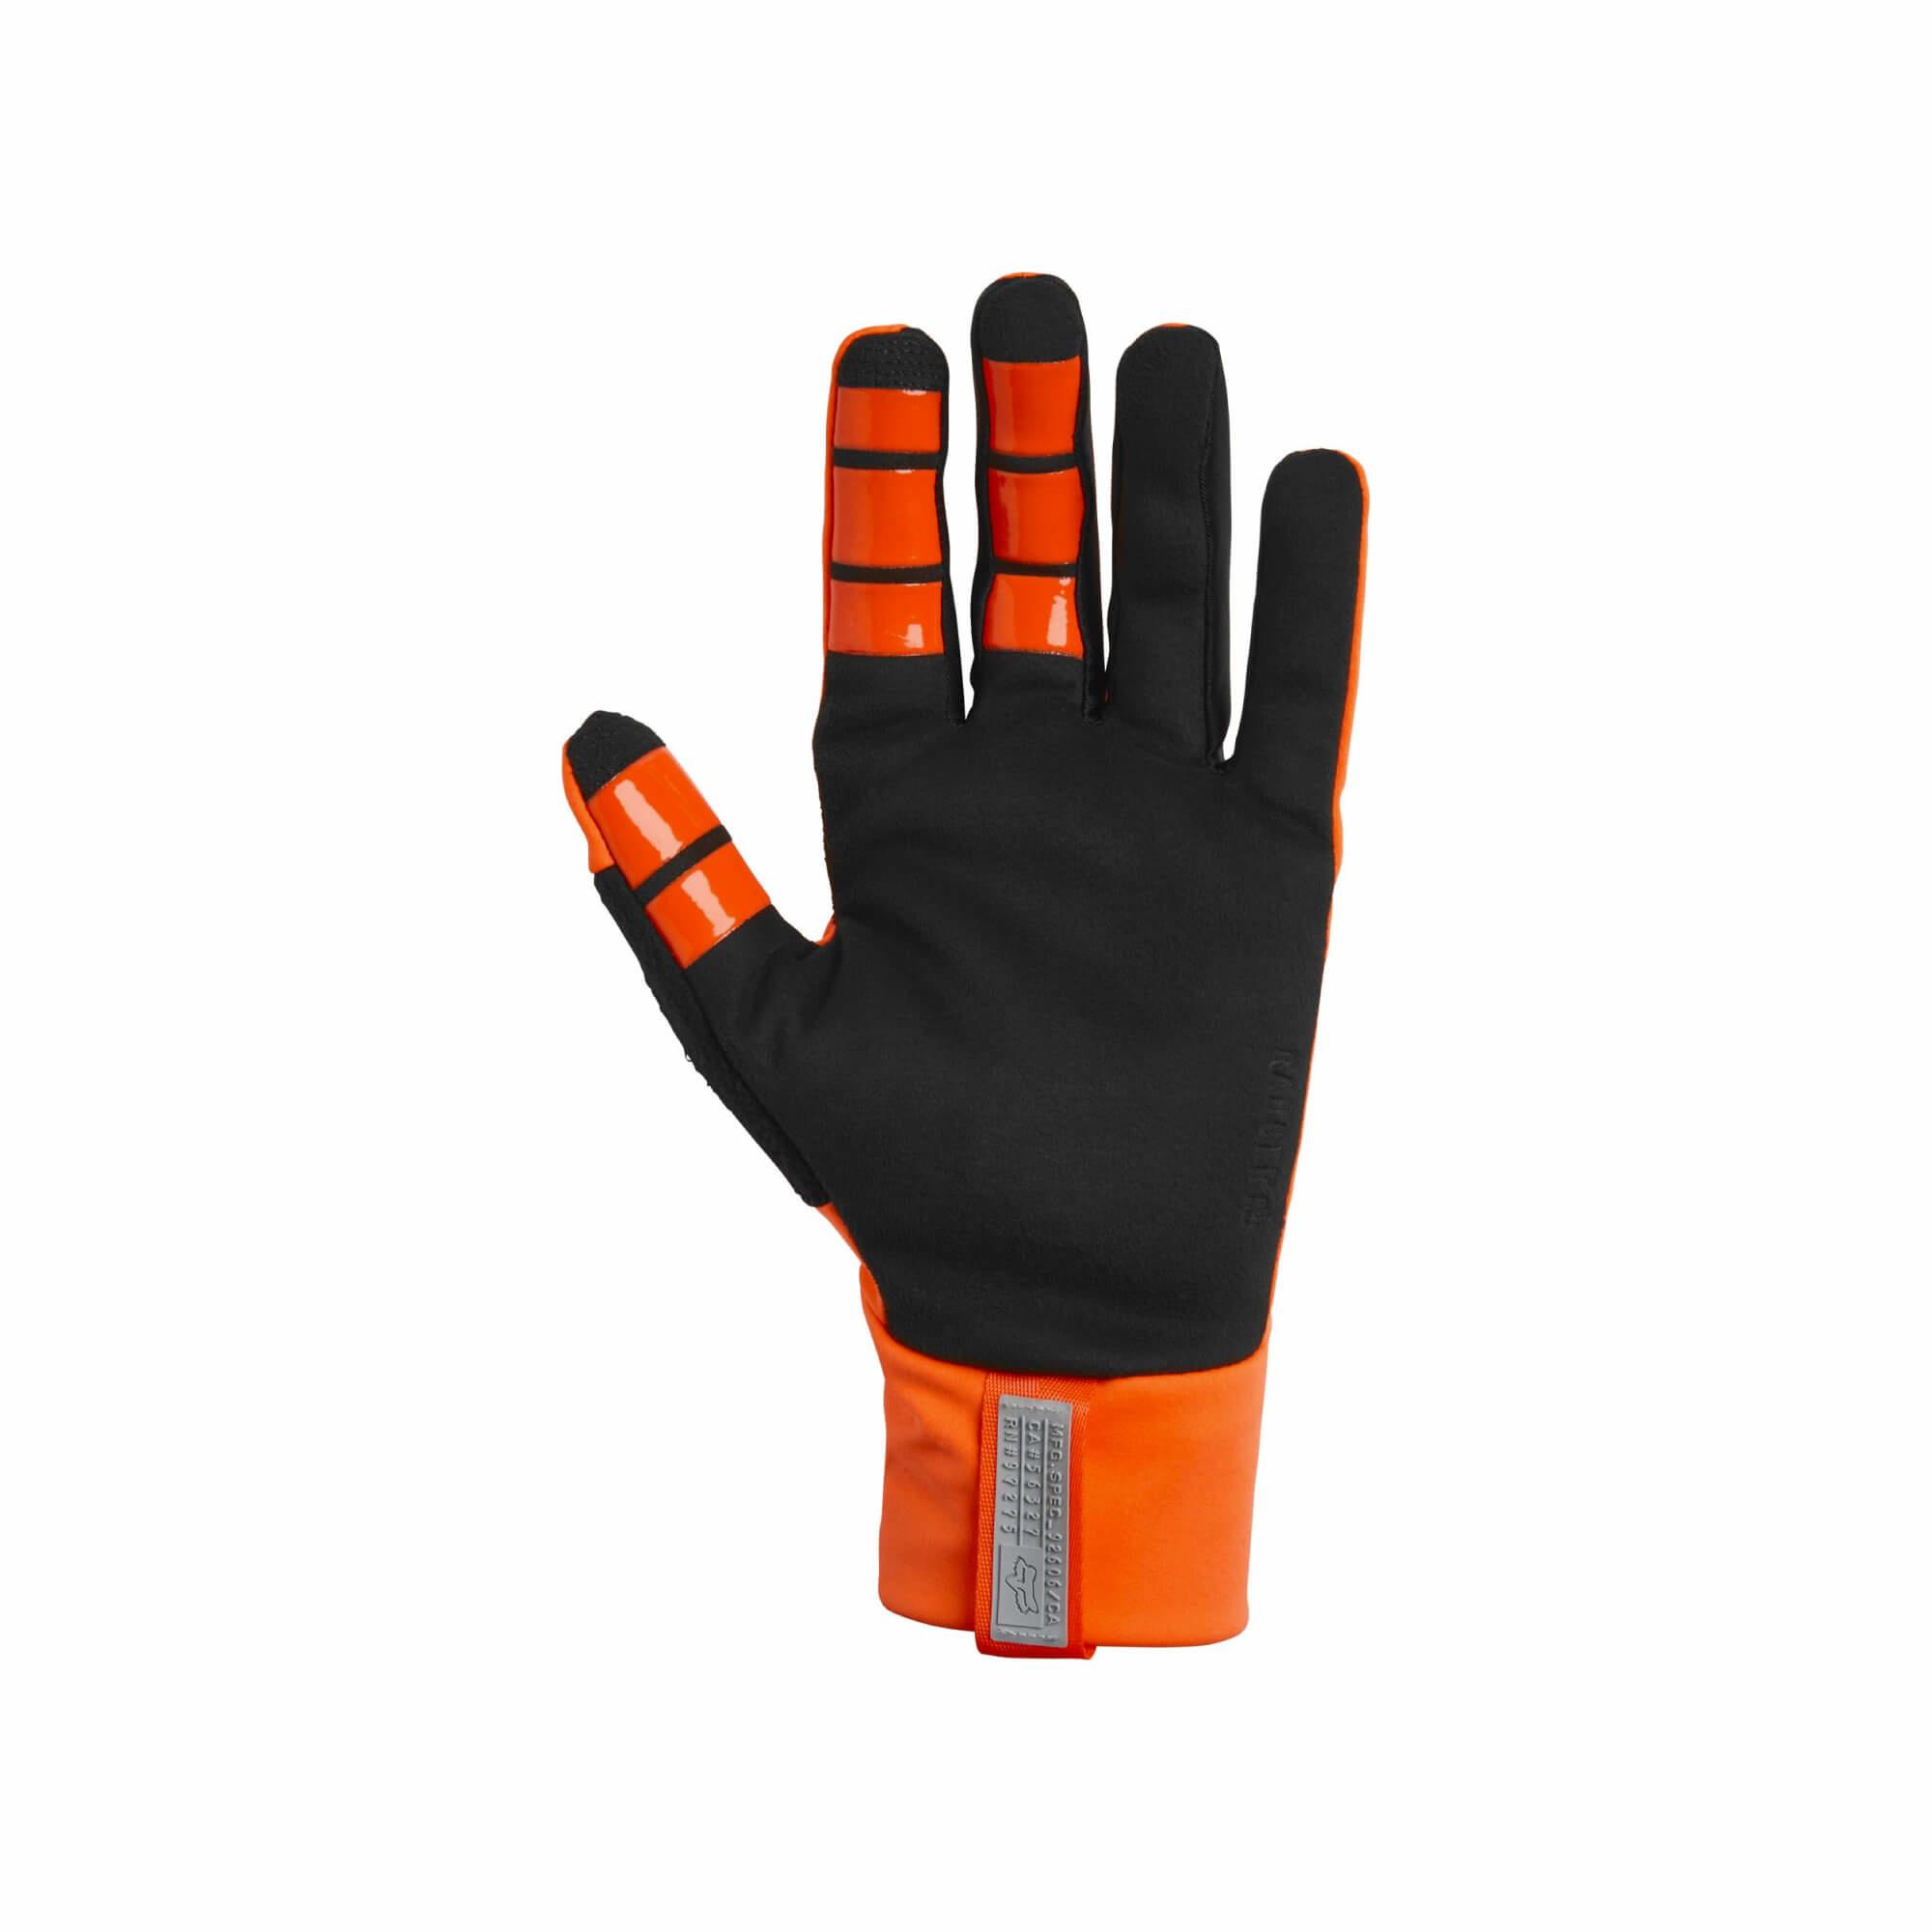 Ranger Fire Glove 2021-3